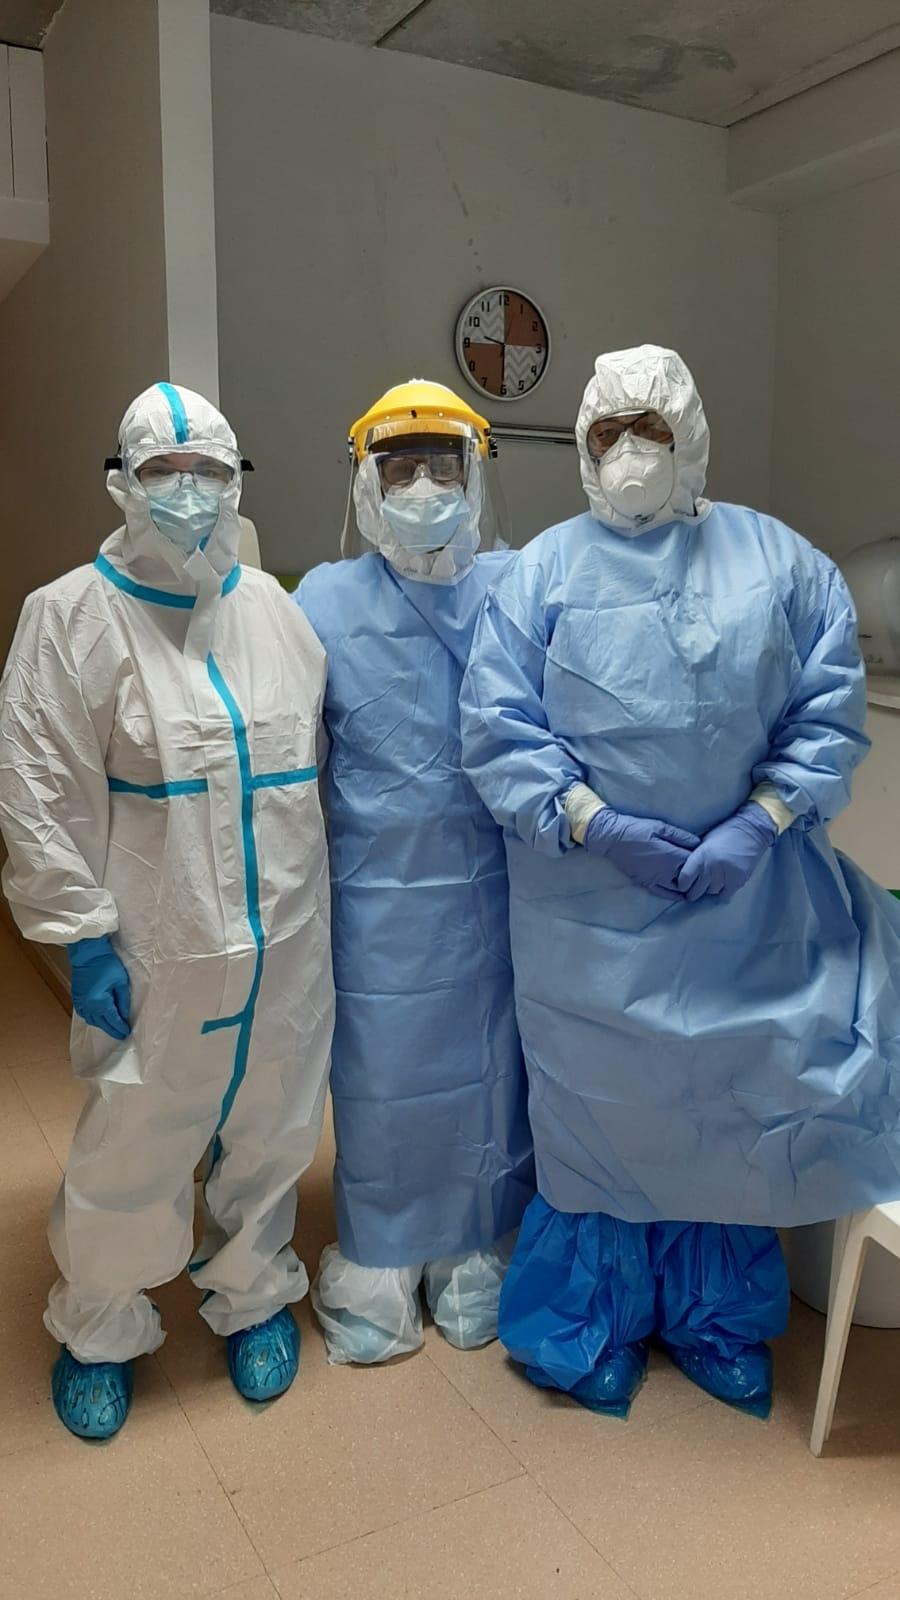 La Sònia García, cap del servei d'infermeria de la Fundació Privada Àuria, amb professionals sanitàries del CAP Nord